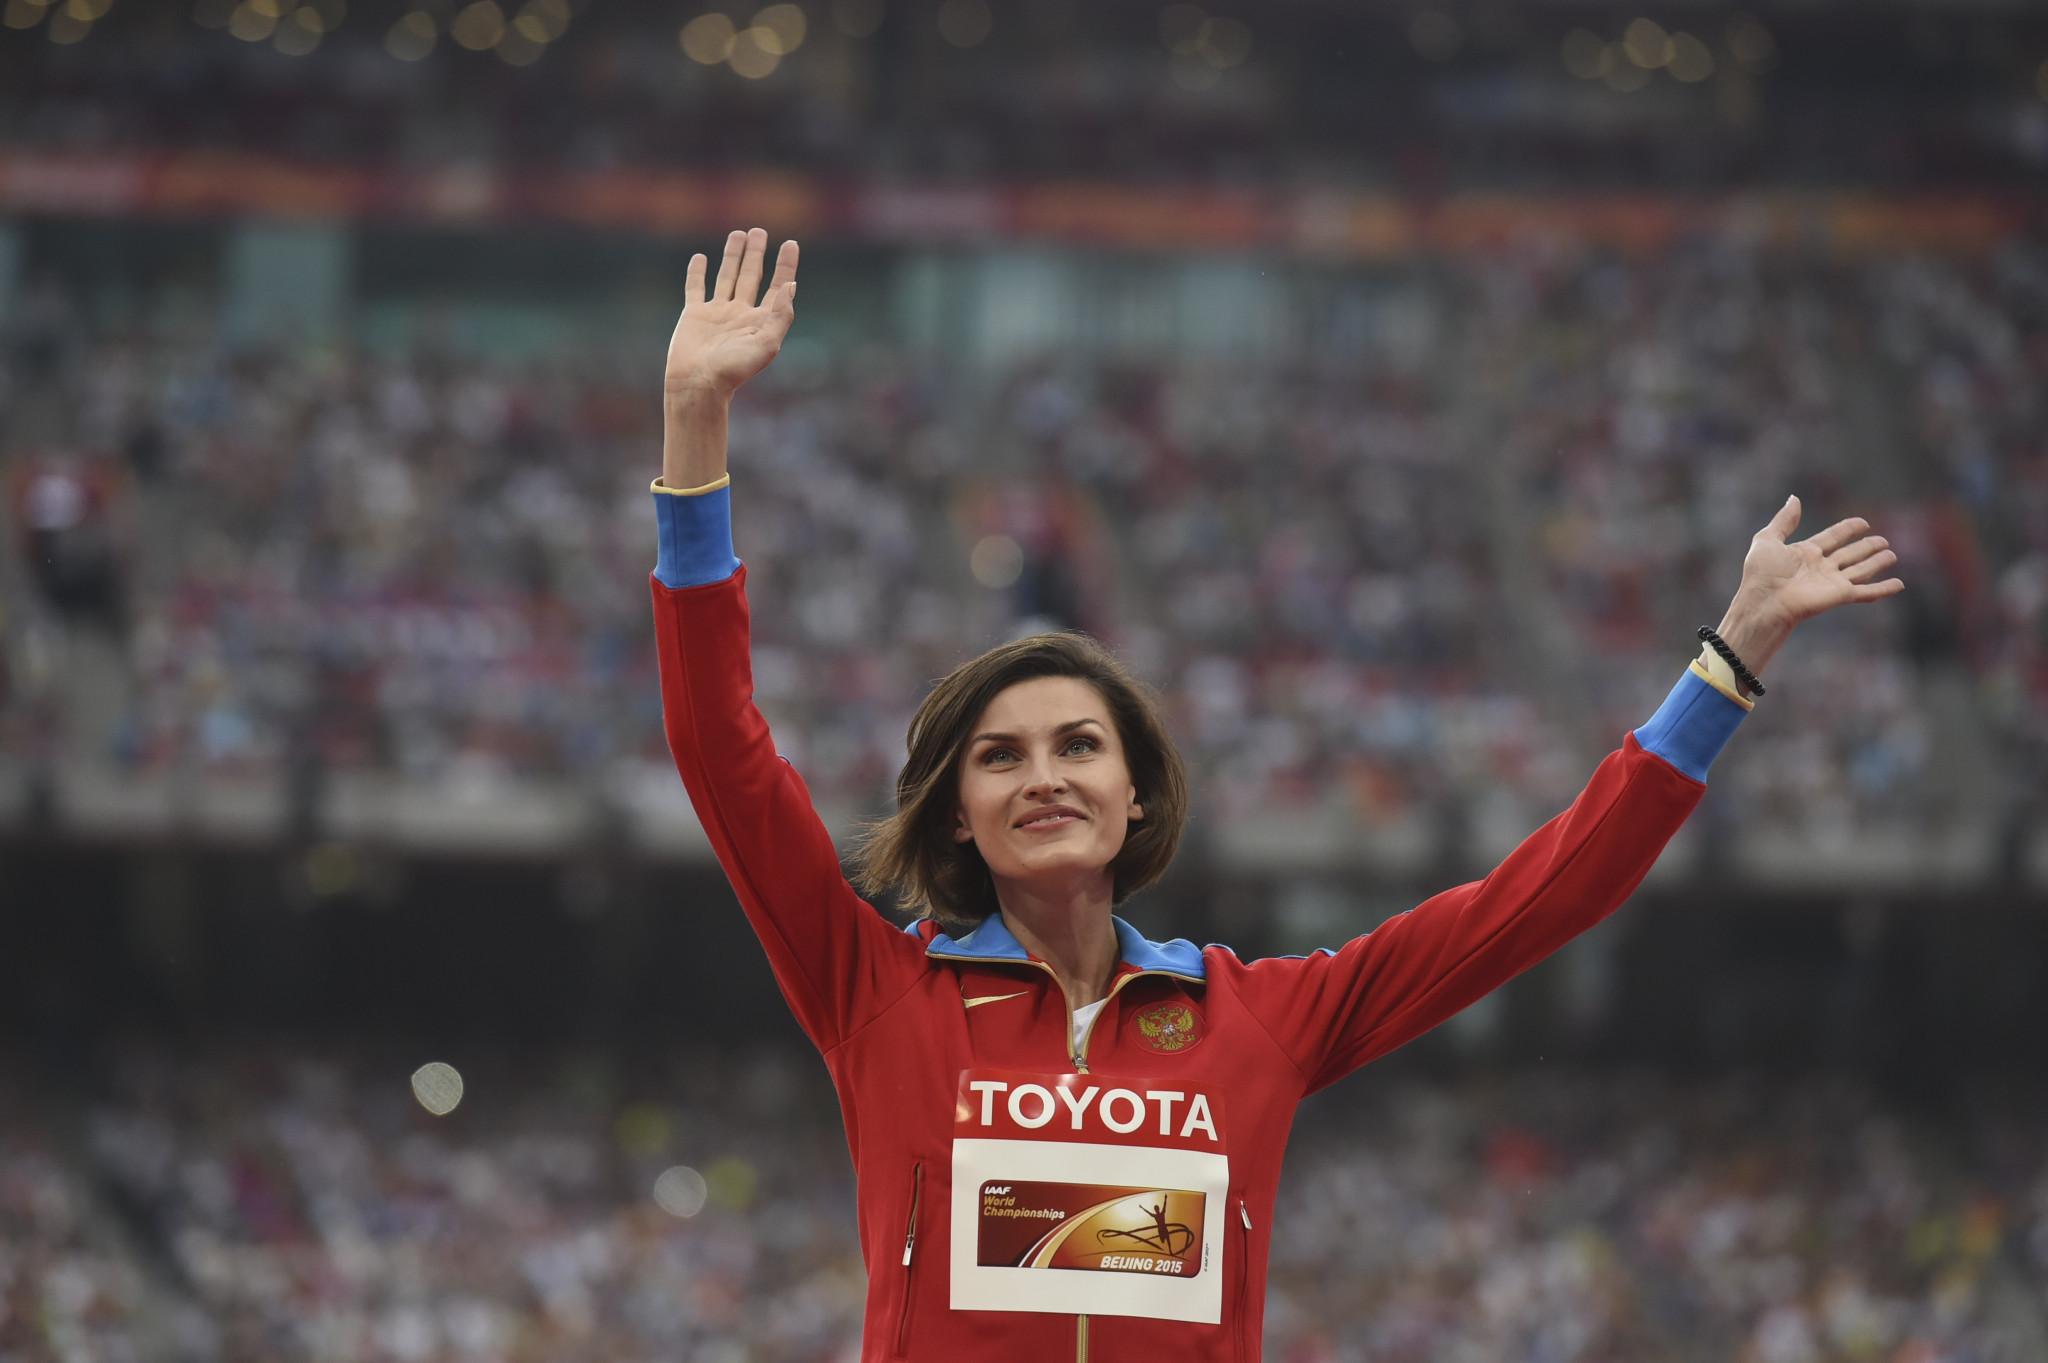 Iaaf recusa duas campeãs olímpicas russas no Mundial de Doha